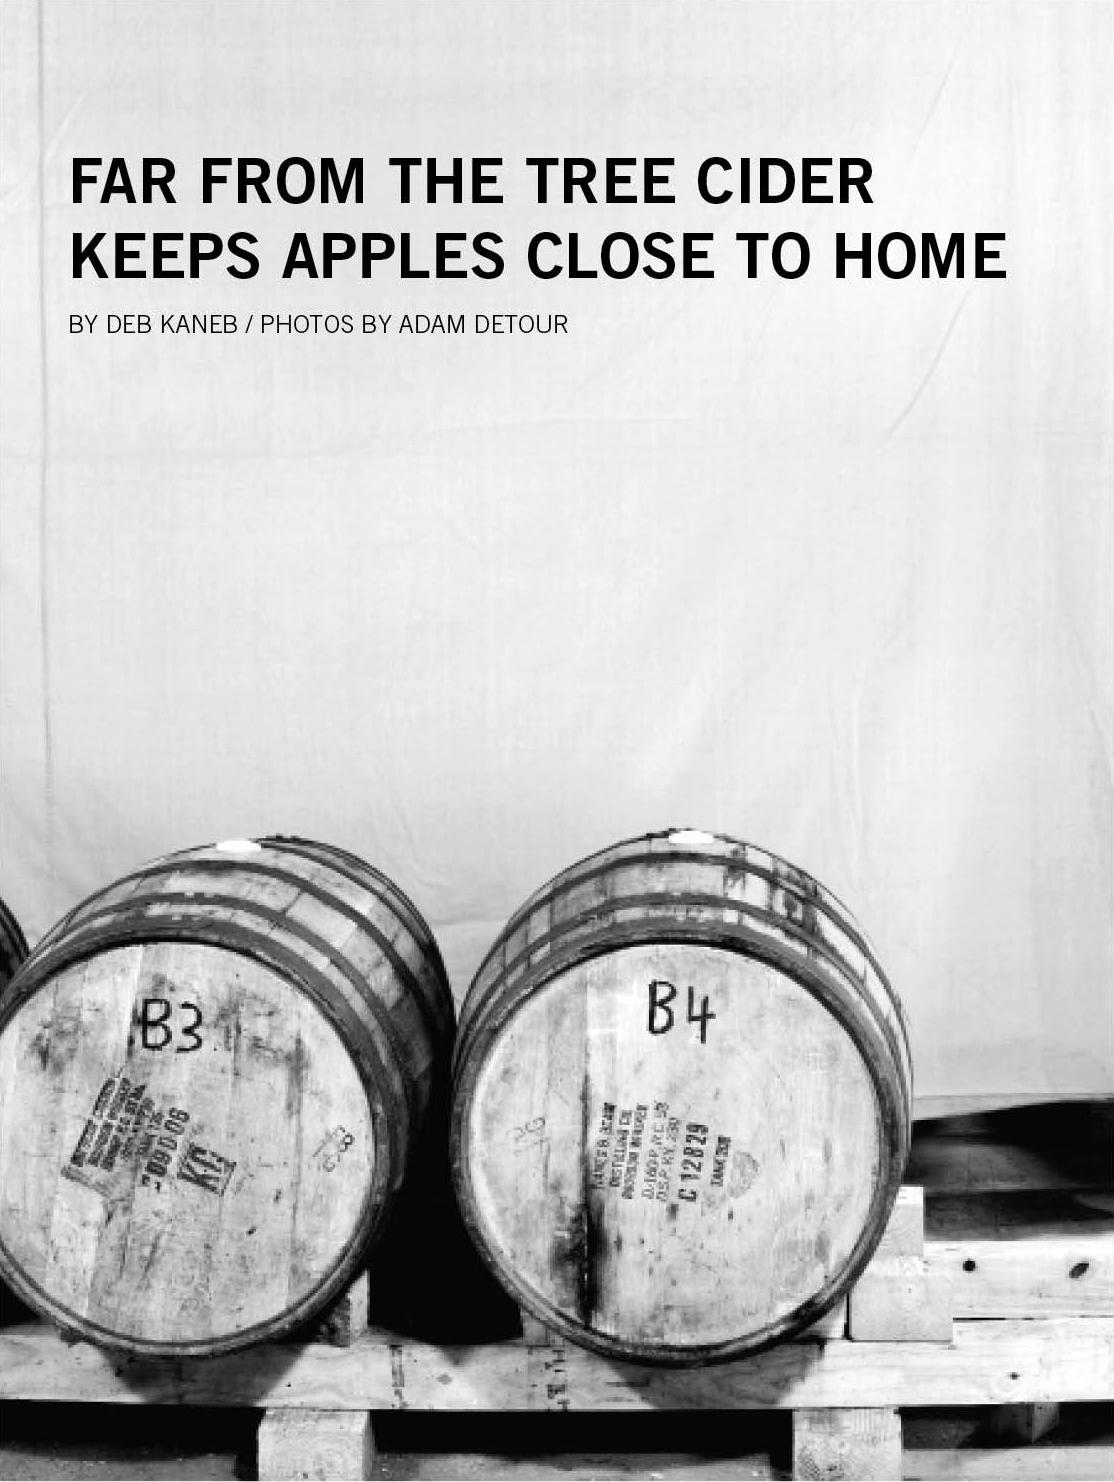 Cider2